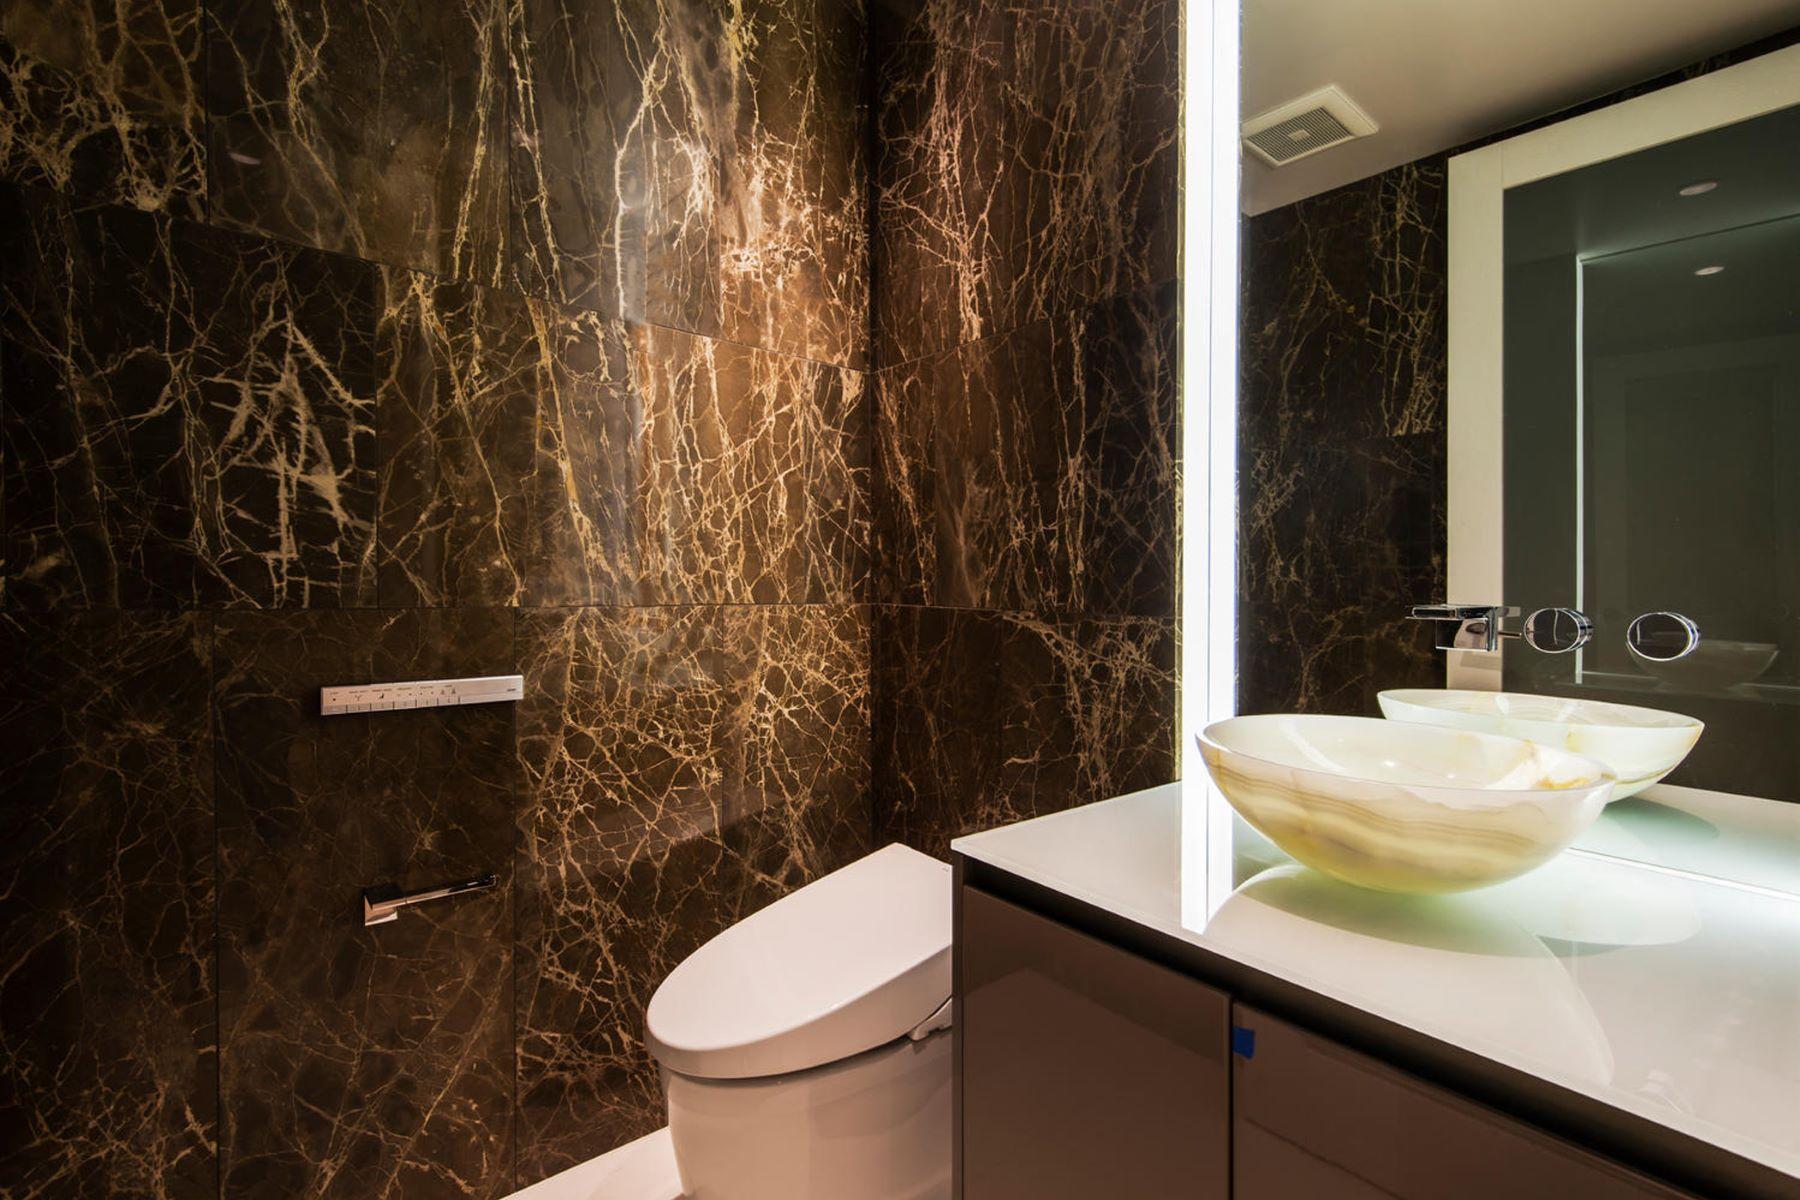 Additional photo for property listing at Luxury Lifestyle 1118 Ala Moana Blvd #502 Honolulu, Hawaii 96814 United States